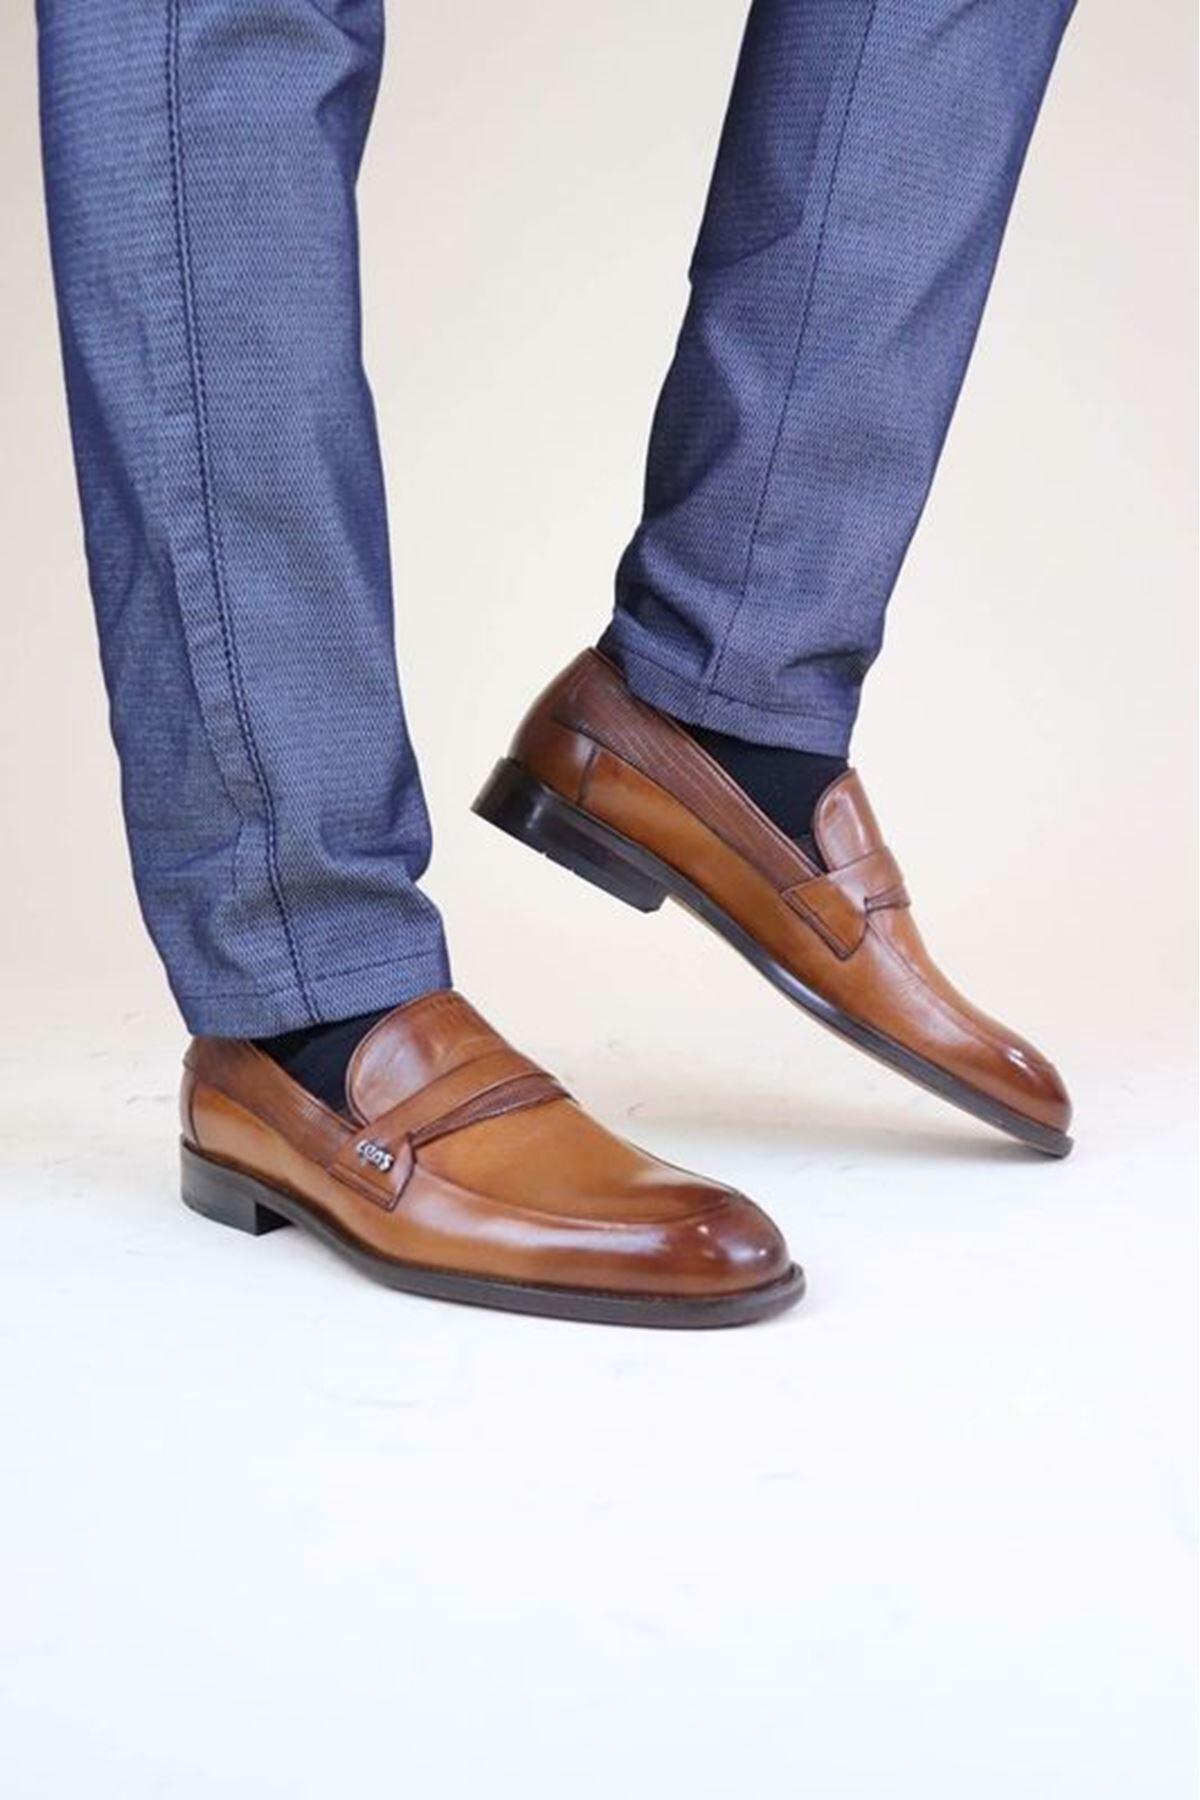 Epaş 1961313 Taba Klasik Erkek Ayakkabı